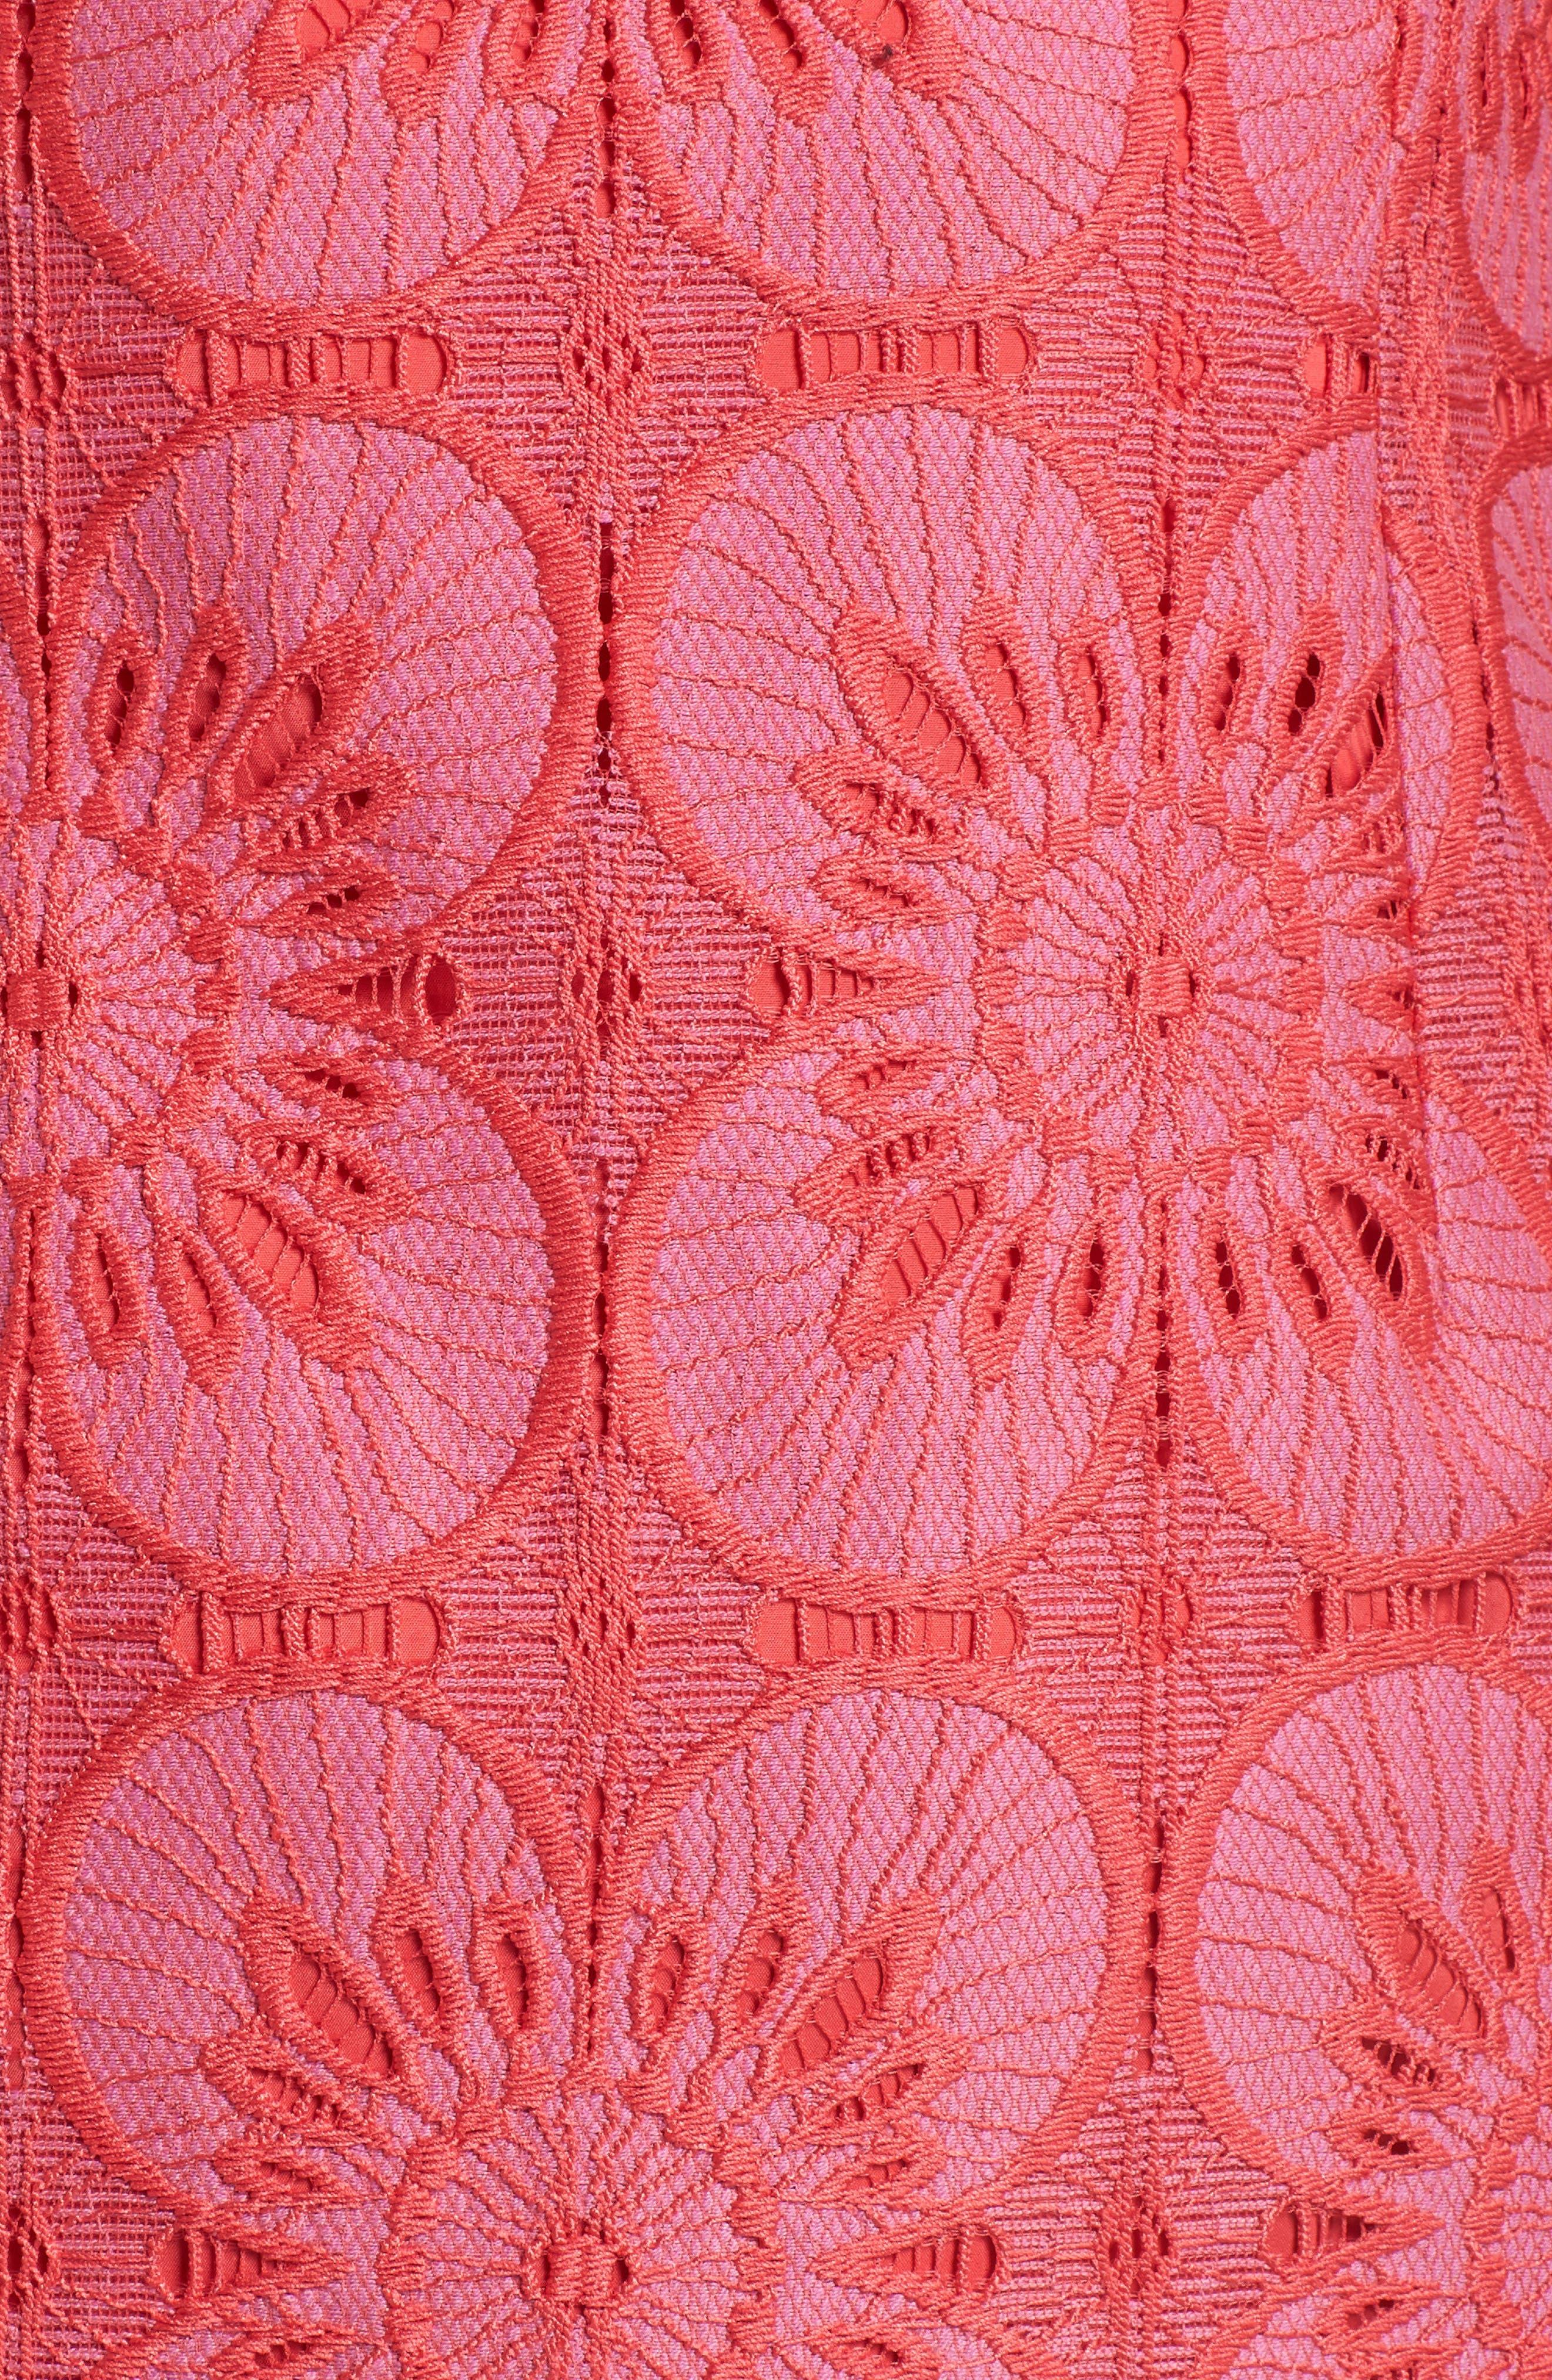 Carpinteria Lace Ruffle Hem Dress,                             Alternate thumbnail 5, color,                             Peony